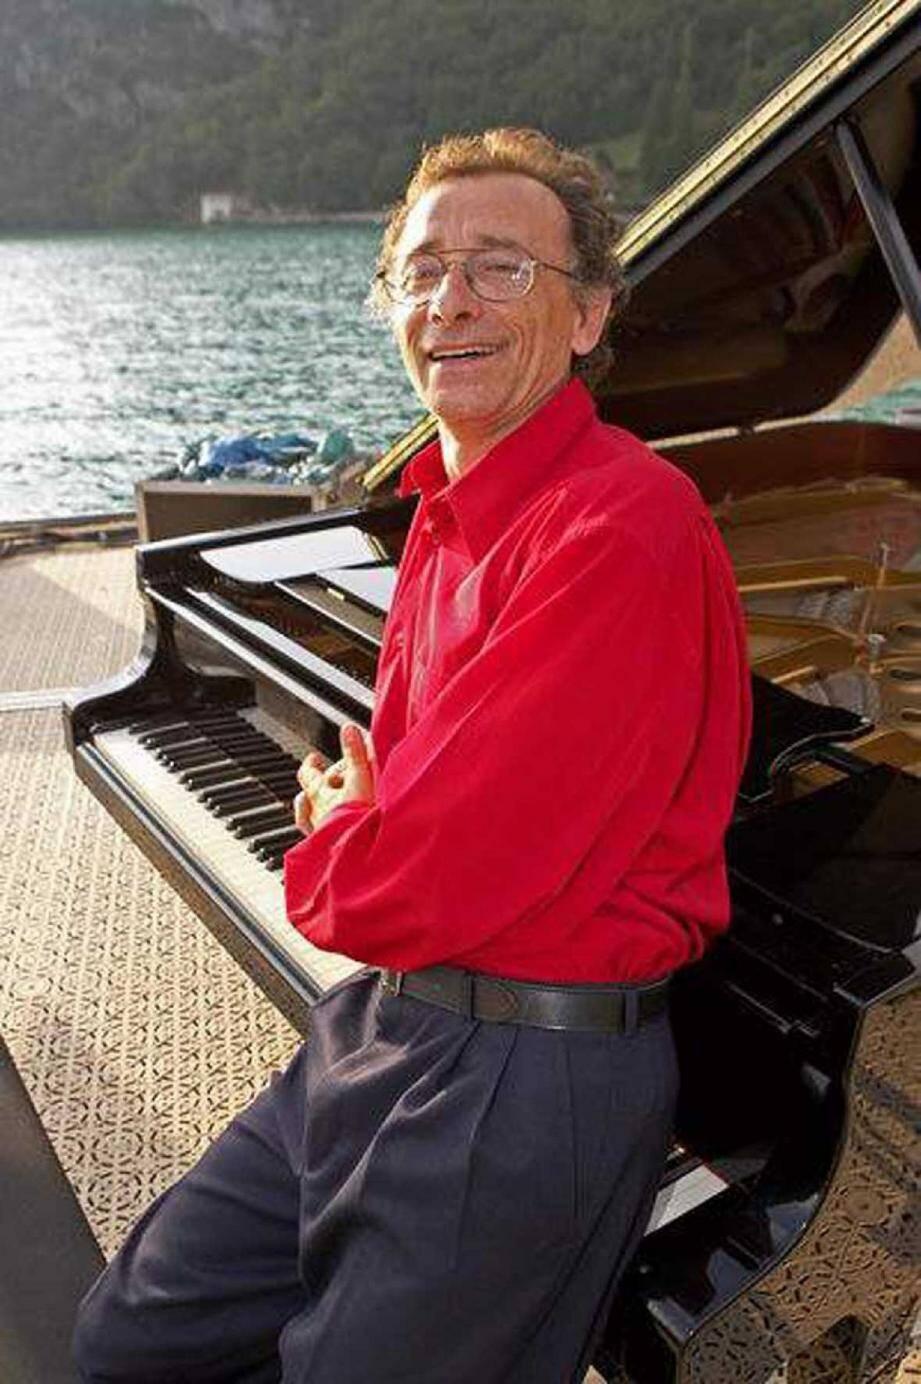 Le pianiste François-René Duchâble jouera au profit de l'association « Soupe de Nuit ».